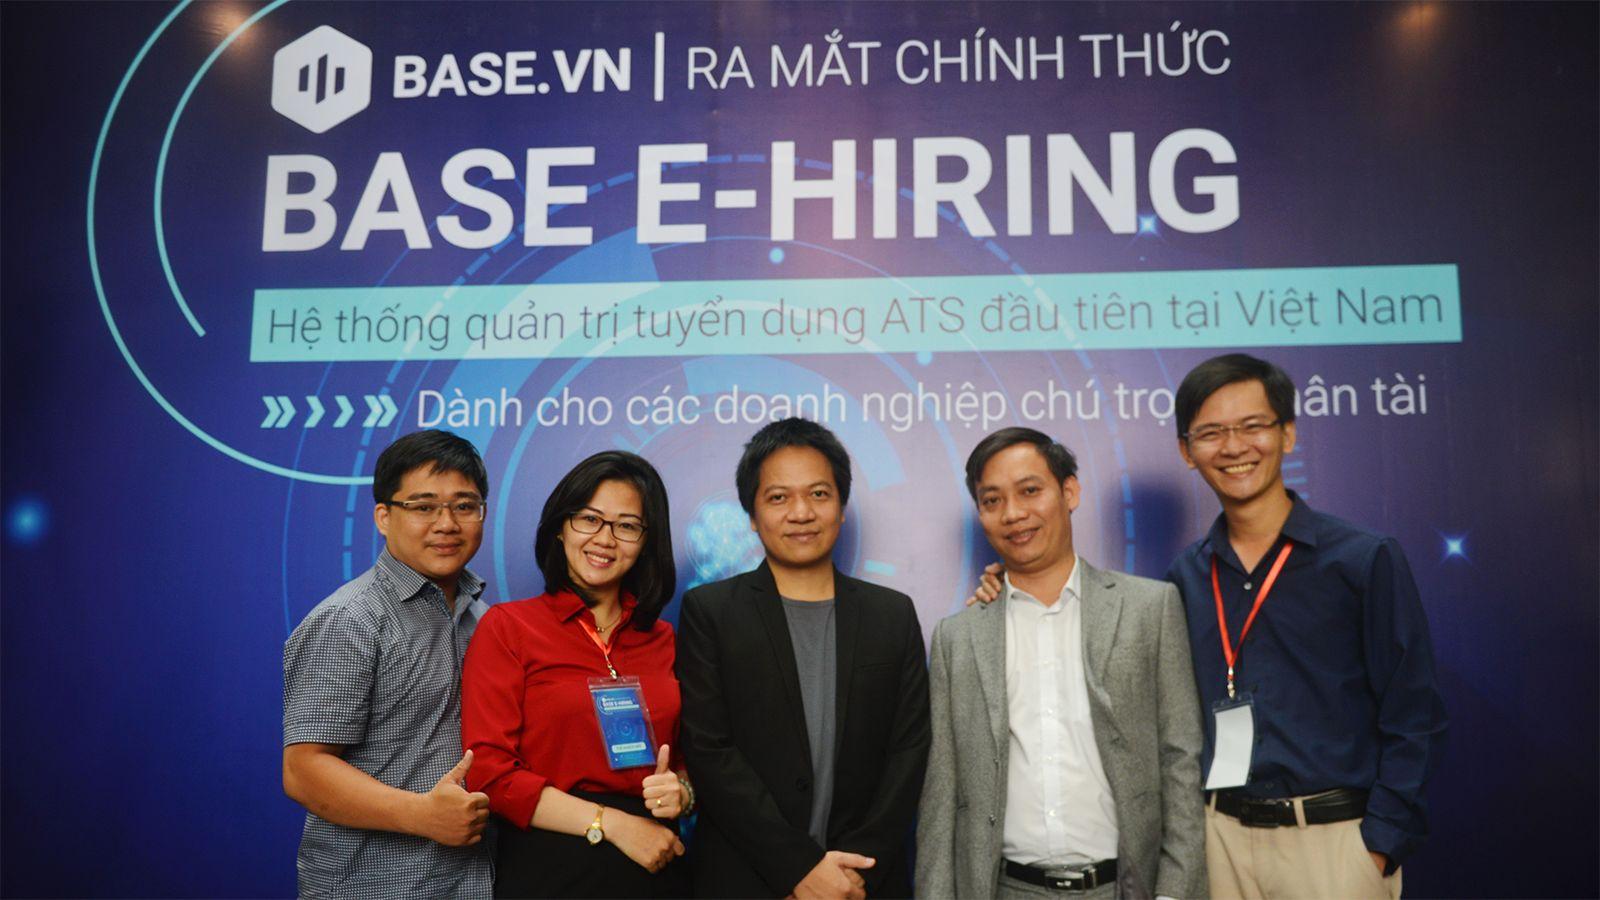 Ra mắt Hệ thống quản trị tuyển dụng ATS đầu tiên tại Việt Nam Base E-hiring